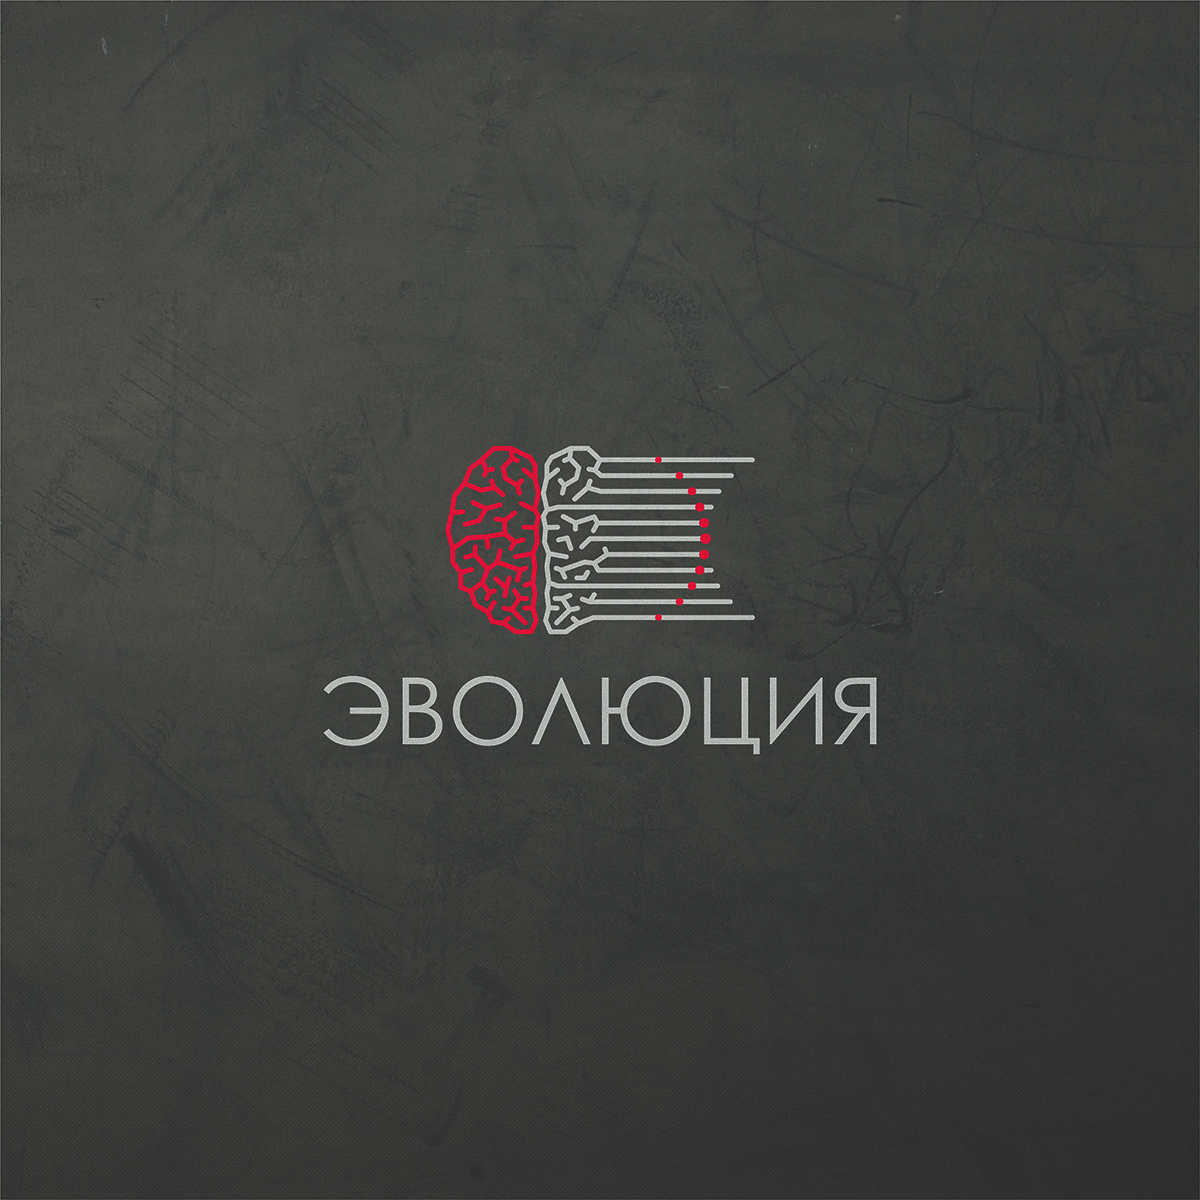 Разработать логотип для Онлайн-школы и сообщества фото f_1255bbe5473bc6c6.jpg